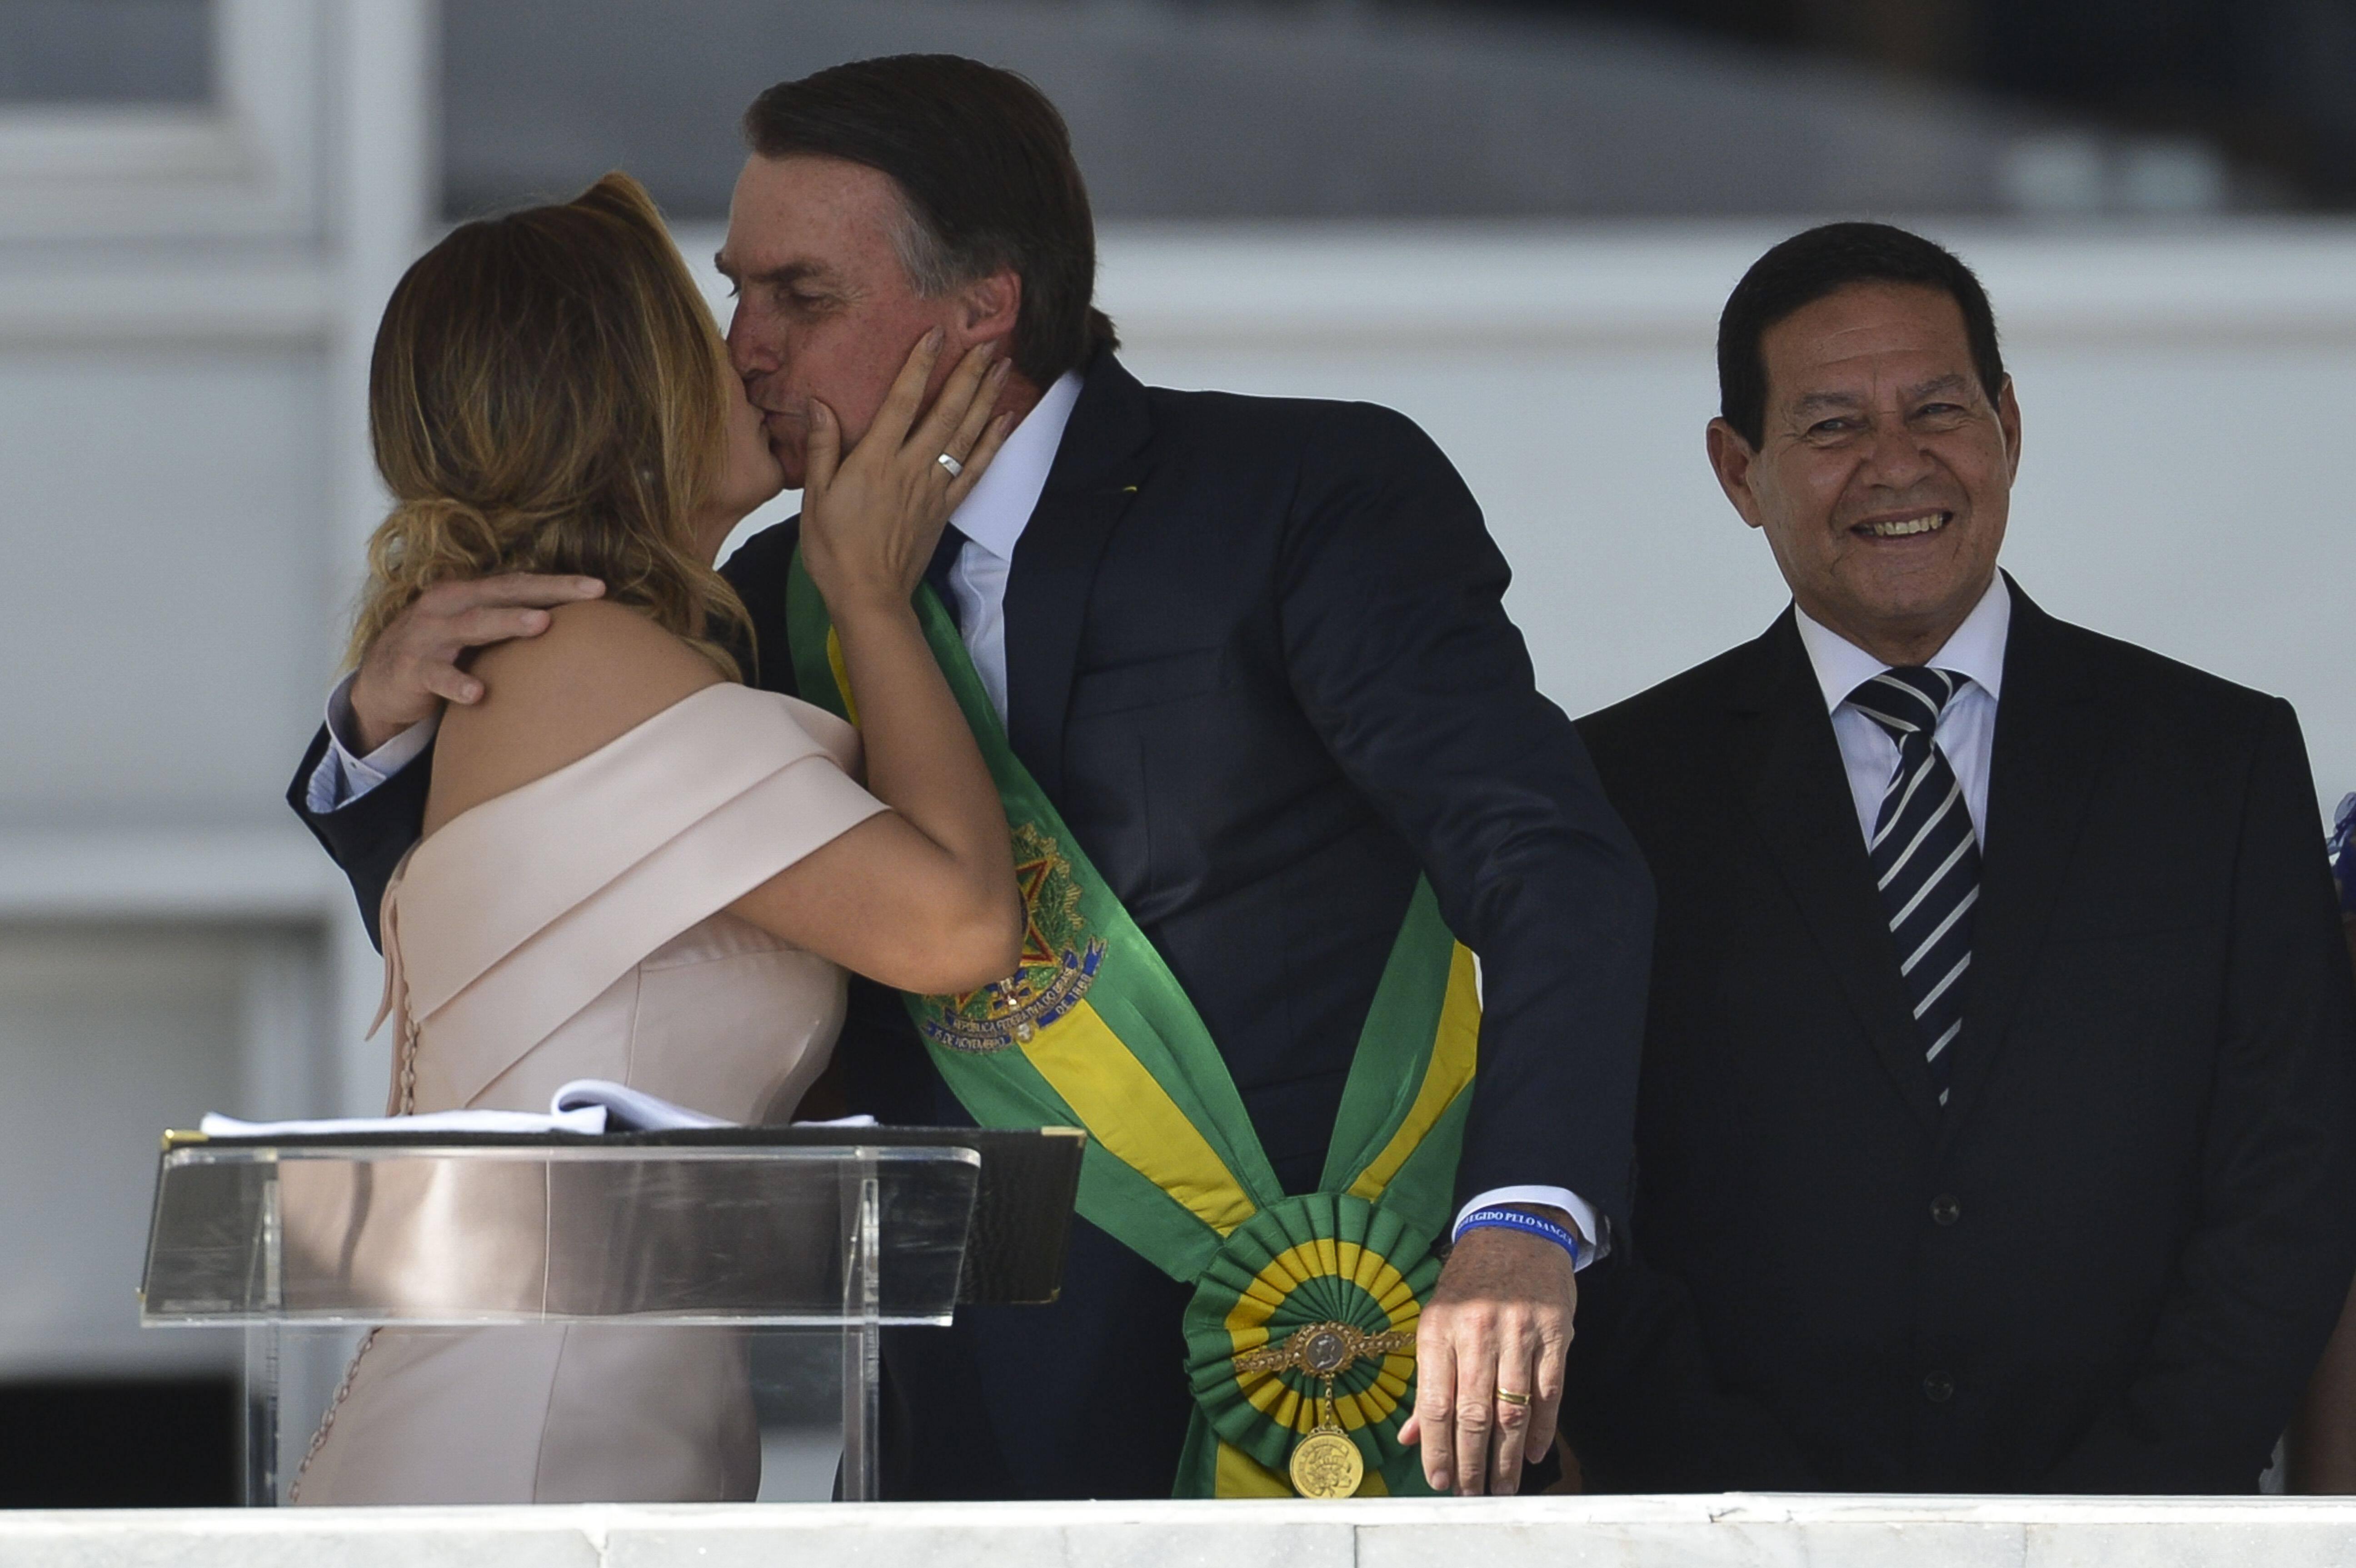 Michelle Bolsonaro e o presidente recém-empossado trocaram beijos no parlatório do Planalto. Foto: Marcelo Camargo/Agência Brasil - 1.1.19